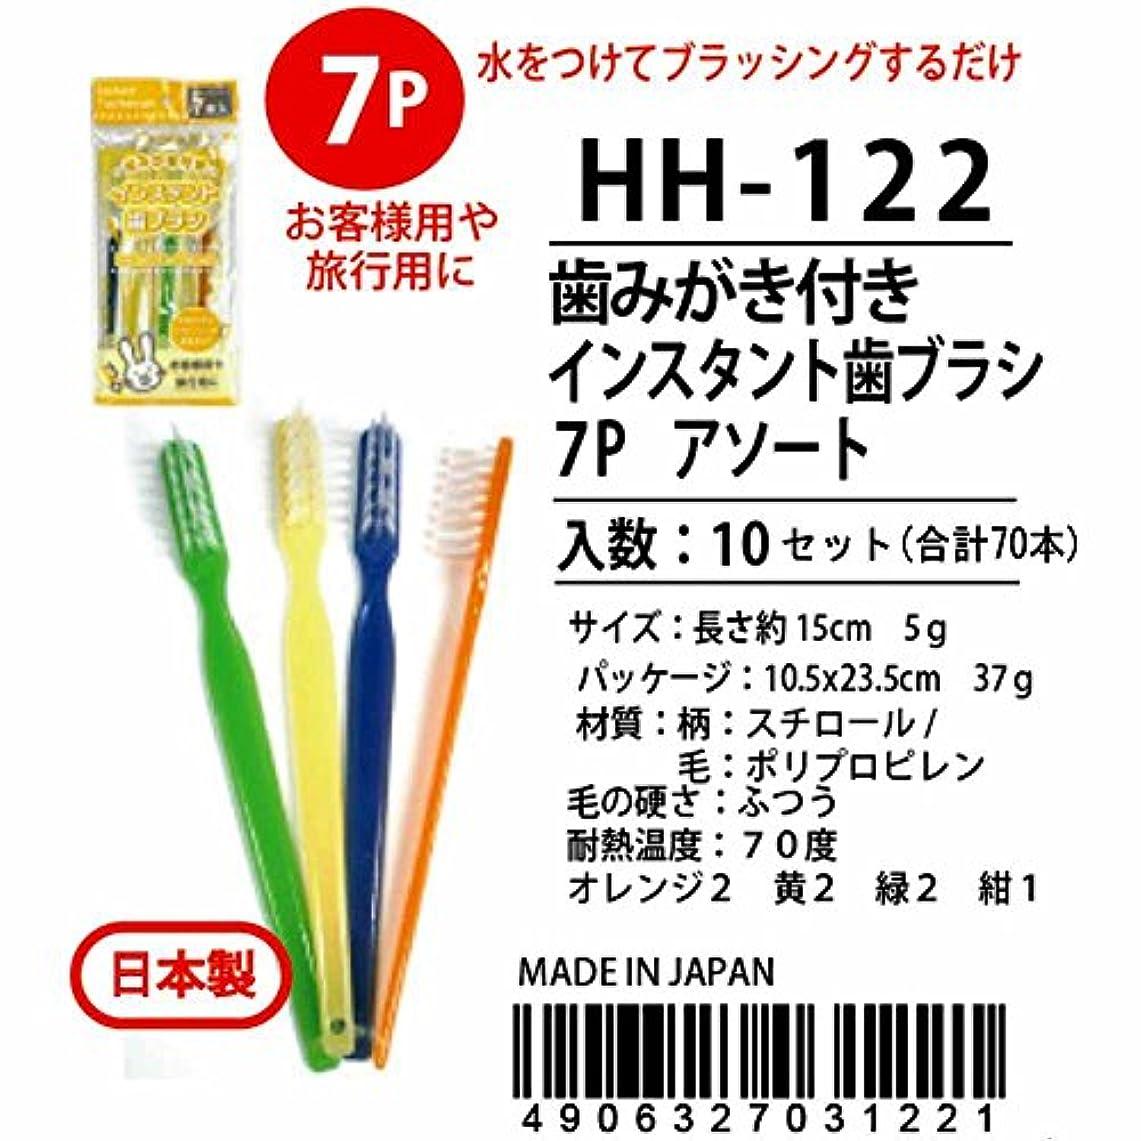 大邸宅掘るパッドスバル 歯みがき付きインスタント歯ブラシ7P アソート HH-122 【まとめ買い10個セット】